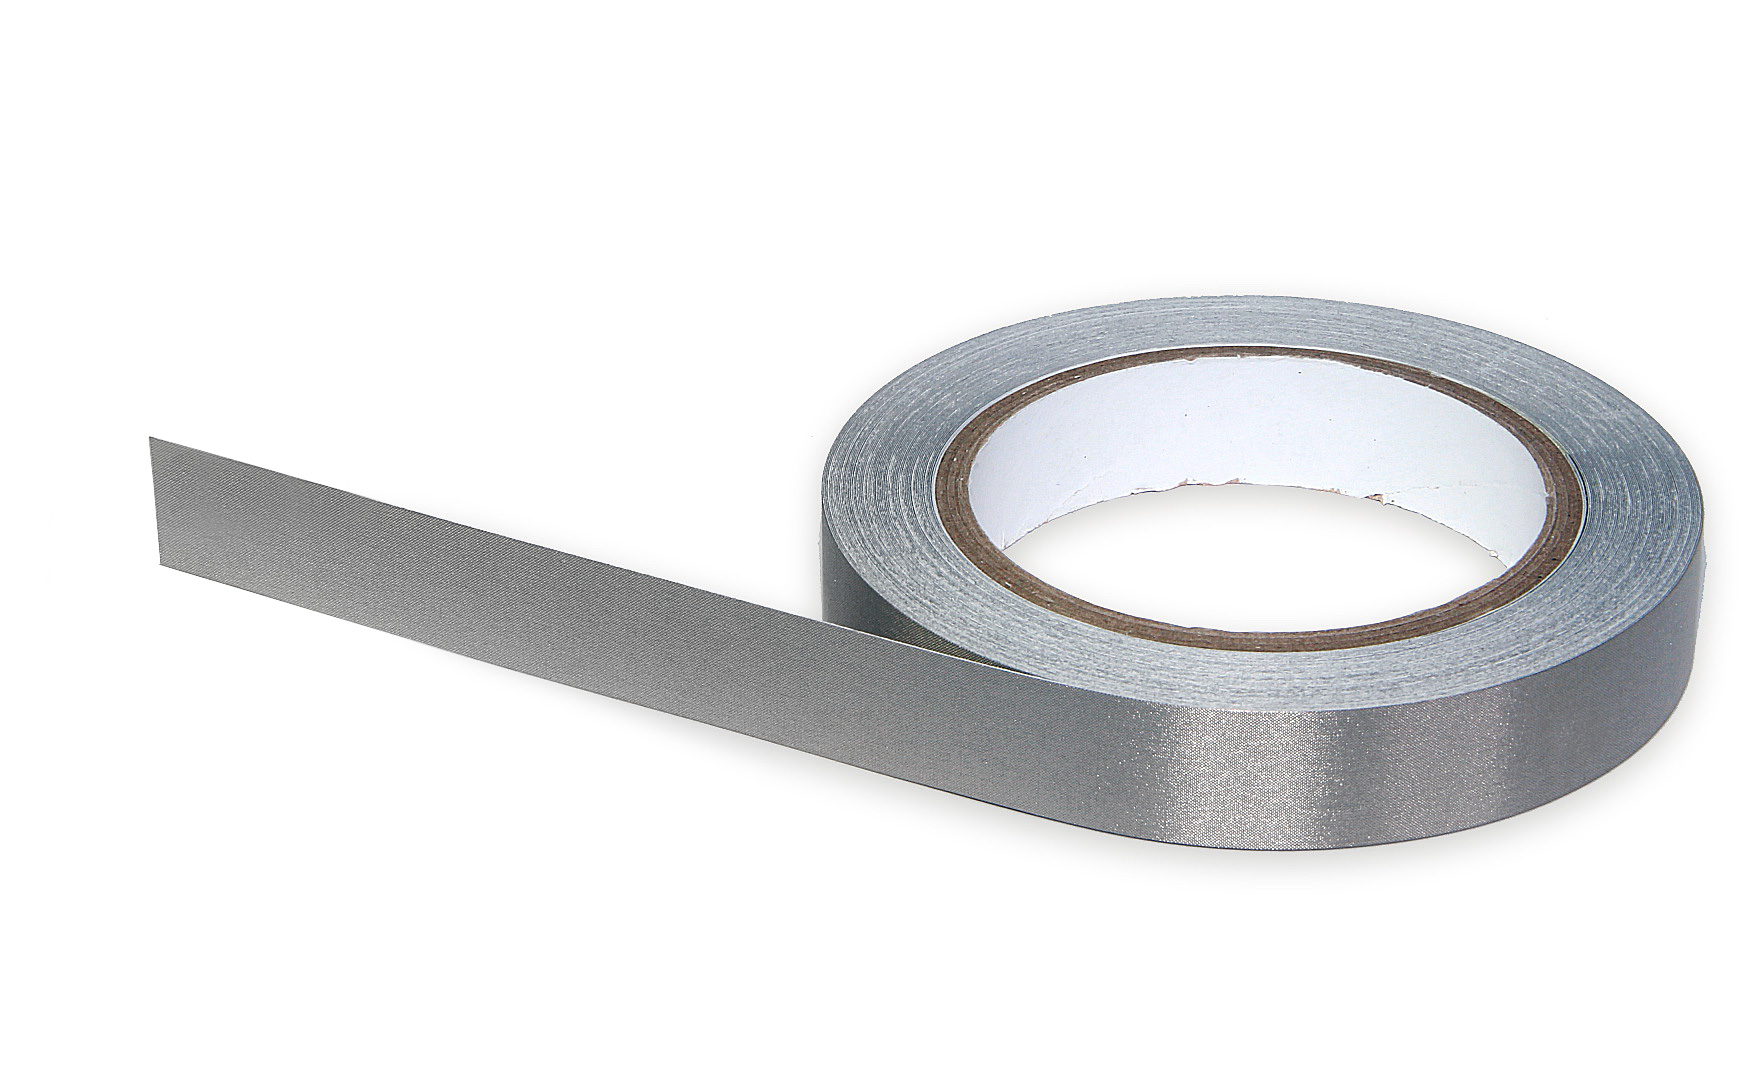 Vodivá stínící lepicí páska tkaná z kovových vláken, šíře 20 mm